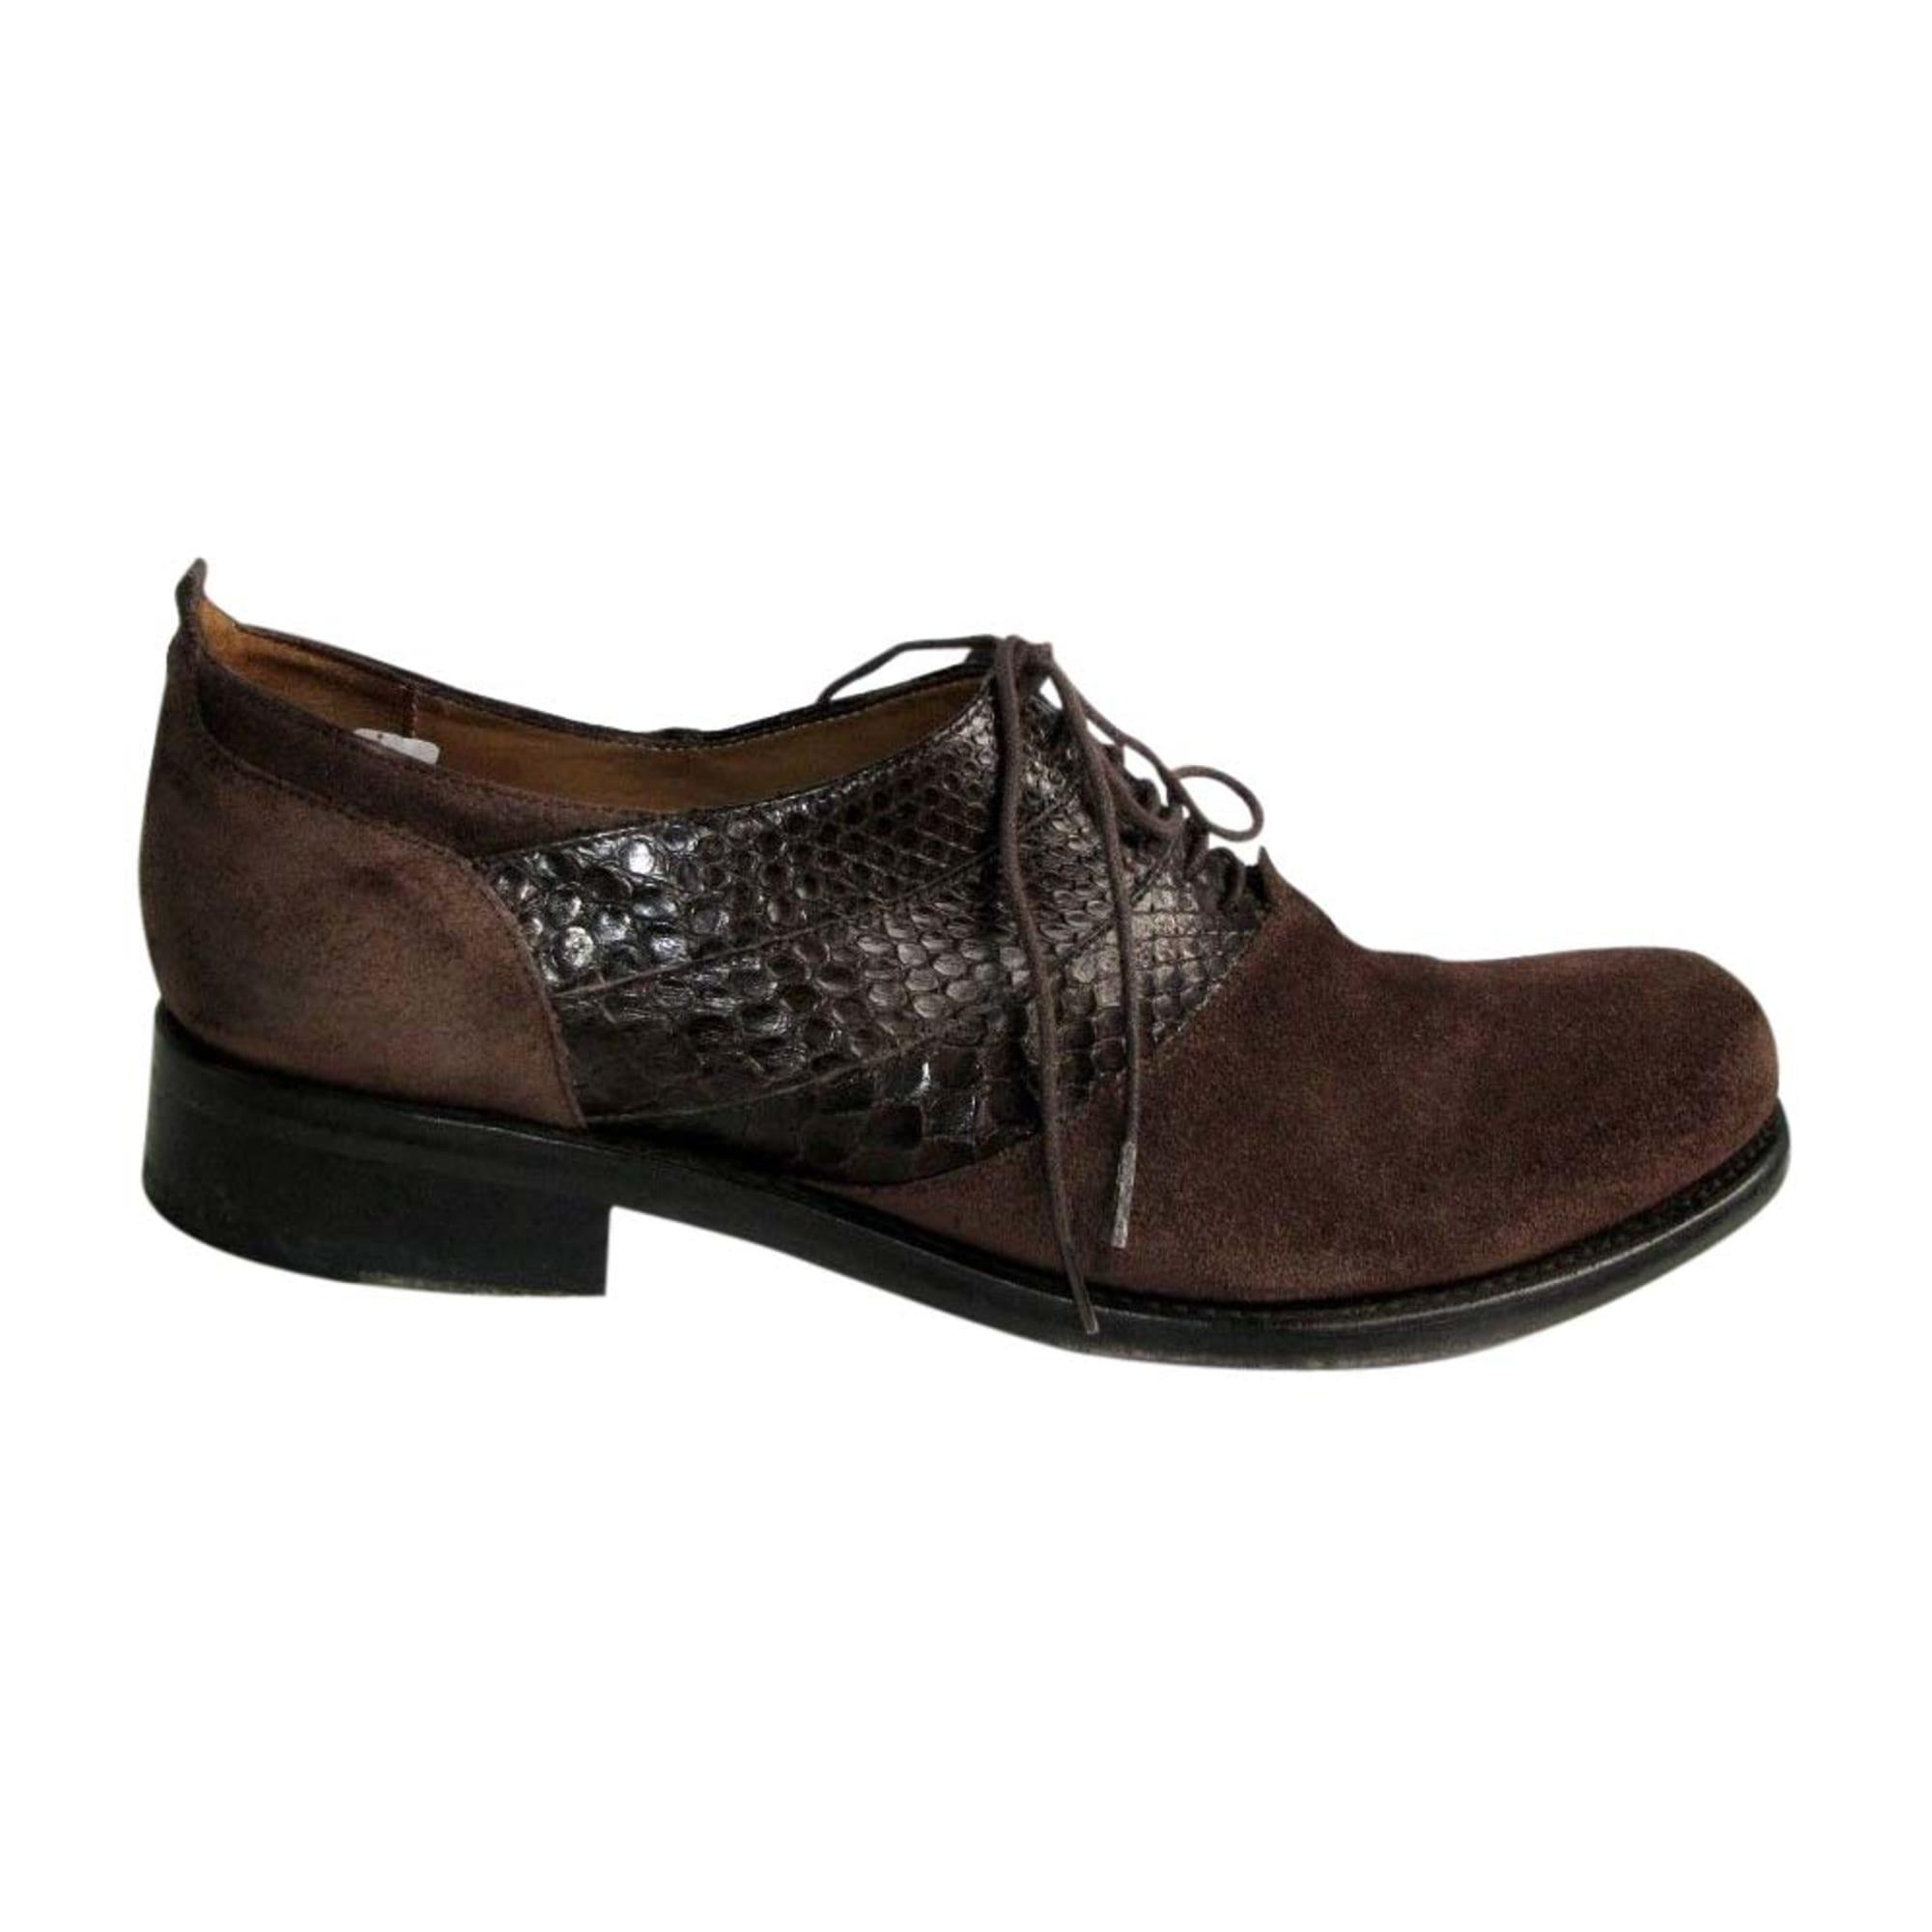 Chaussures à lacets JEAN BAPTISTE RAUTUREAU Marron